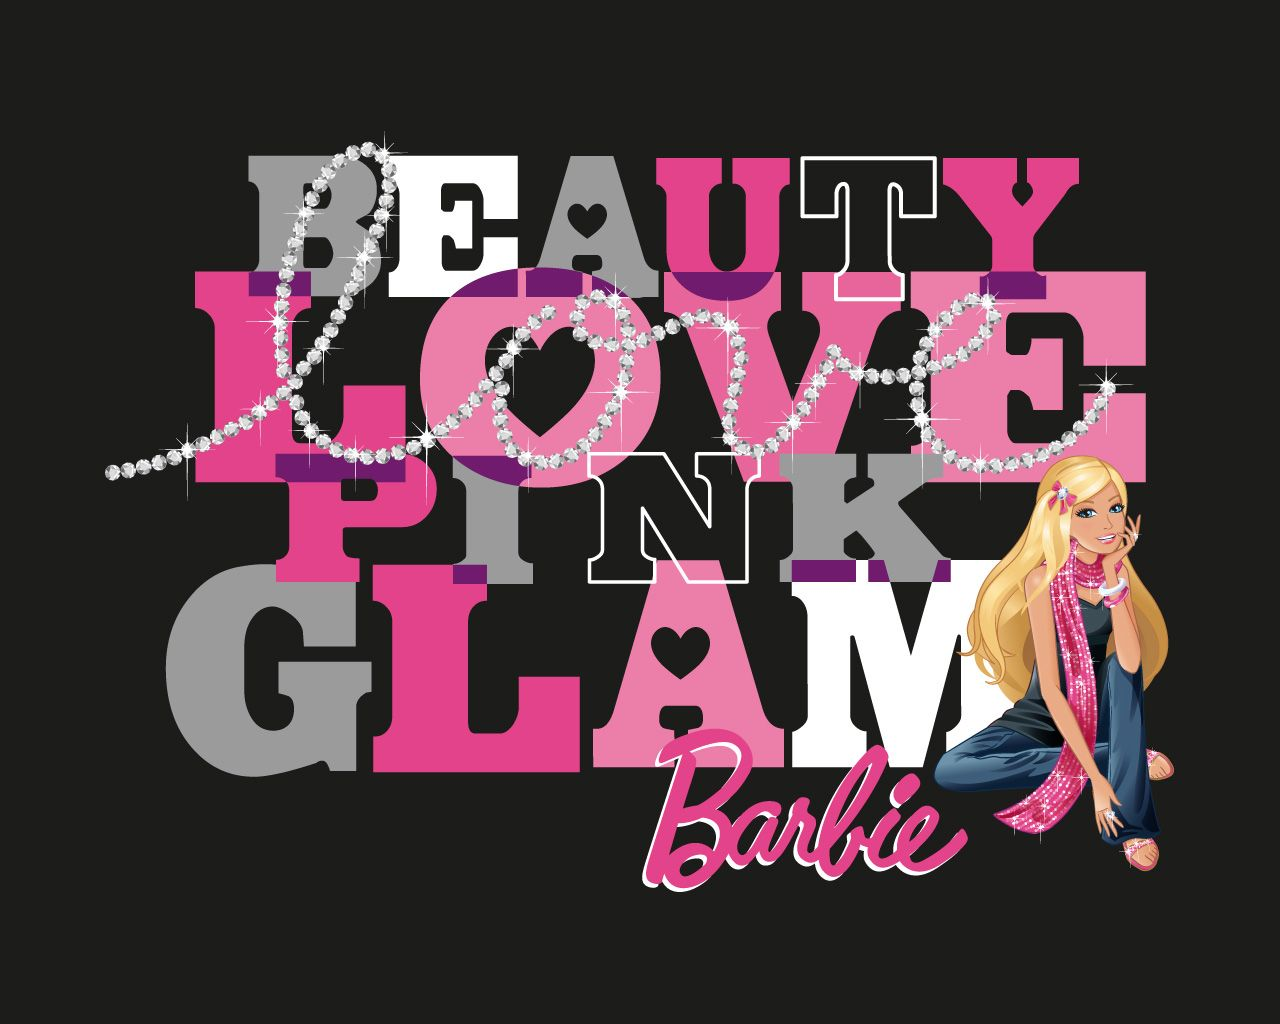 Barbie barbie wallpaper 31795195 fanpop barbie pinterest barbie barbie wallpaper 31795195 fanpop voltagebd Gallery